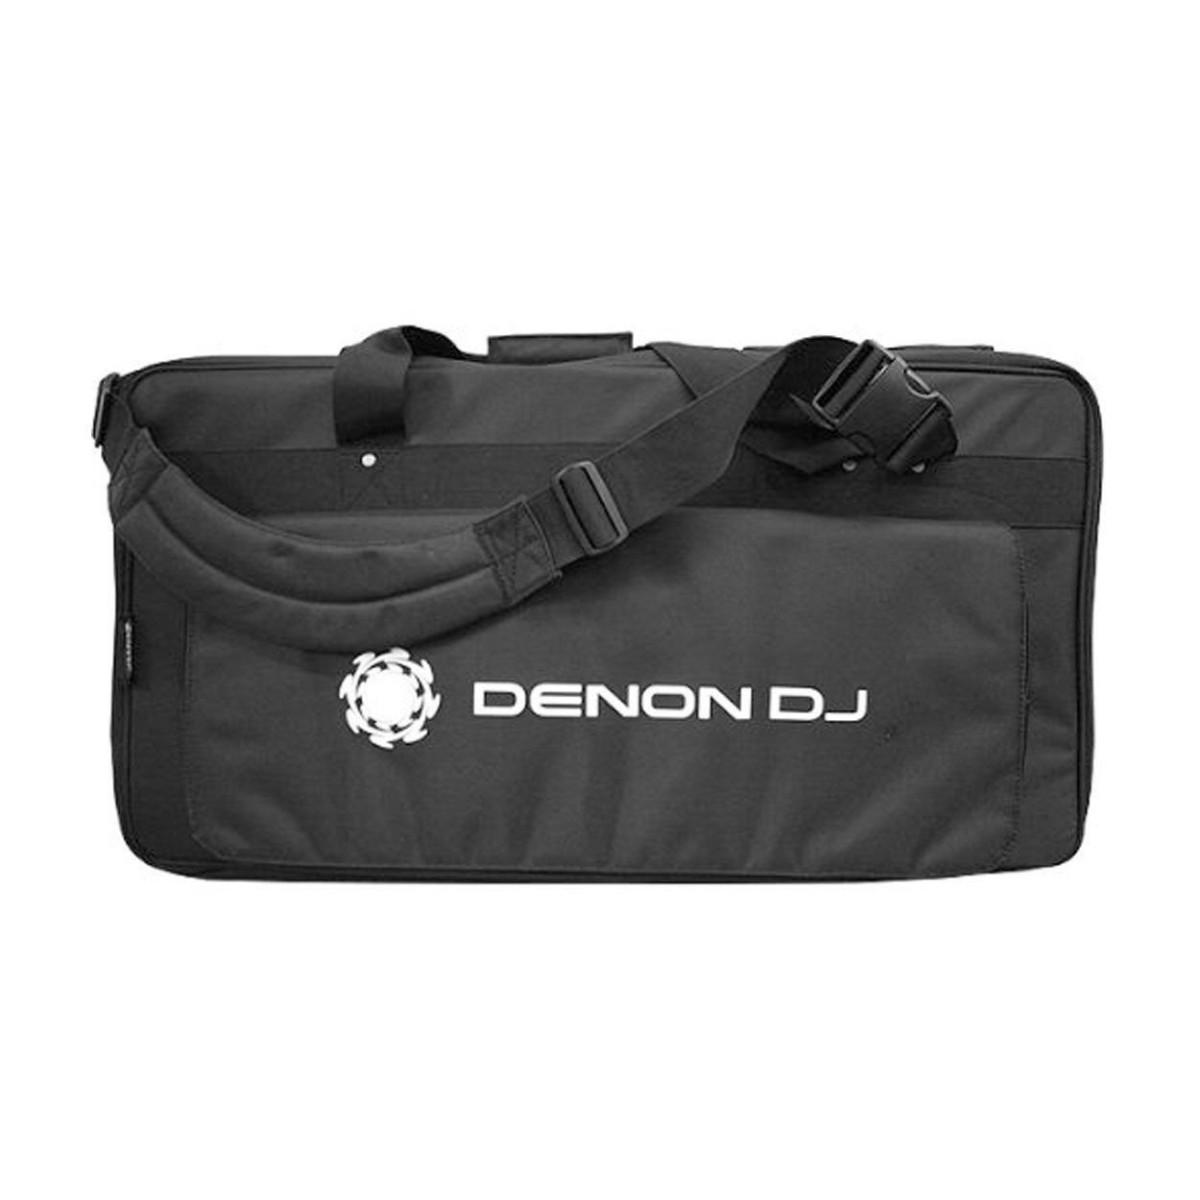 Denon DJ DN B01BK Bag f    r  2x DN S1200   DN X120